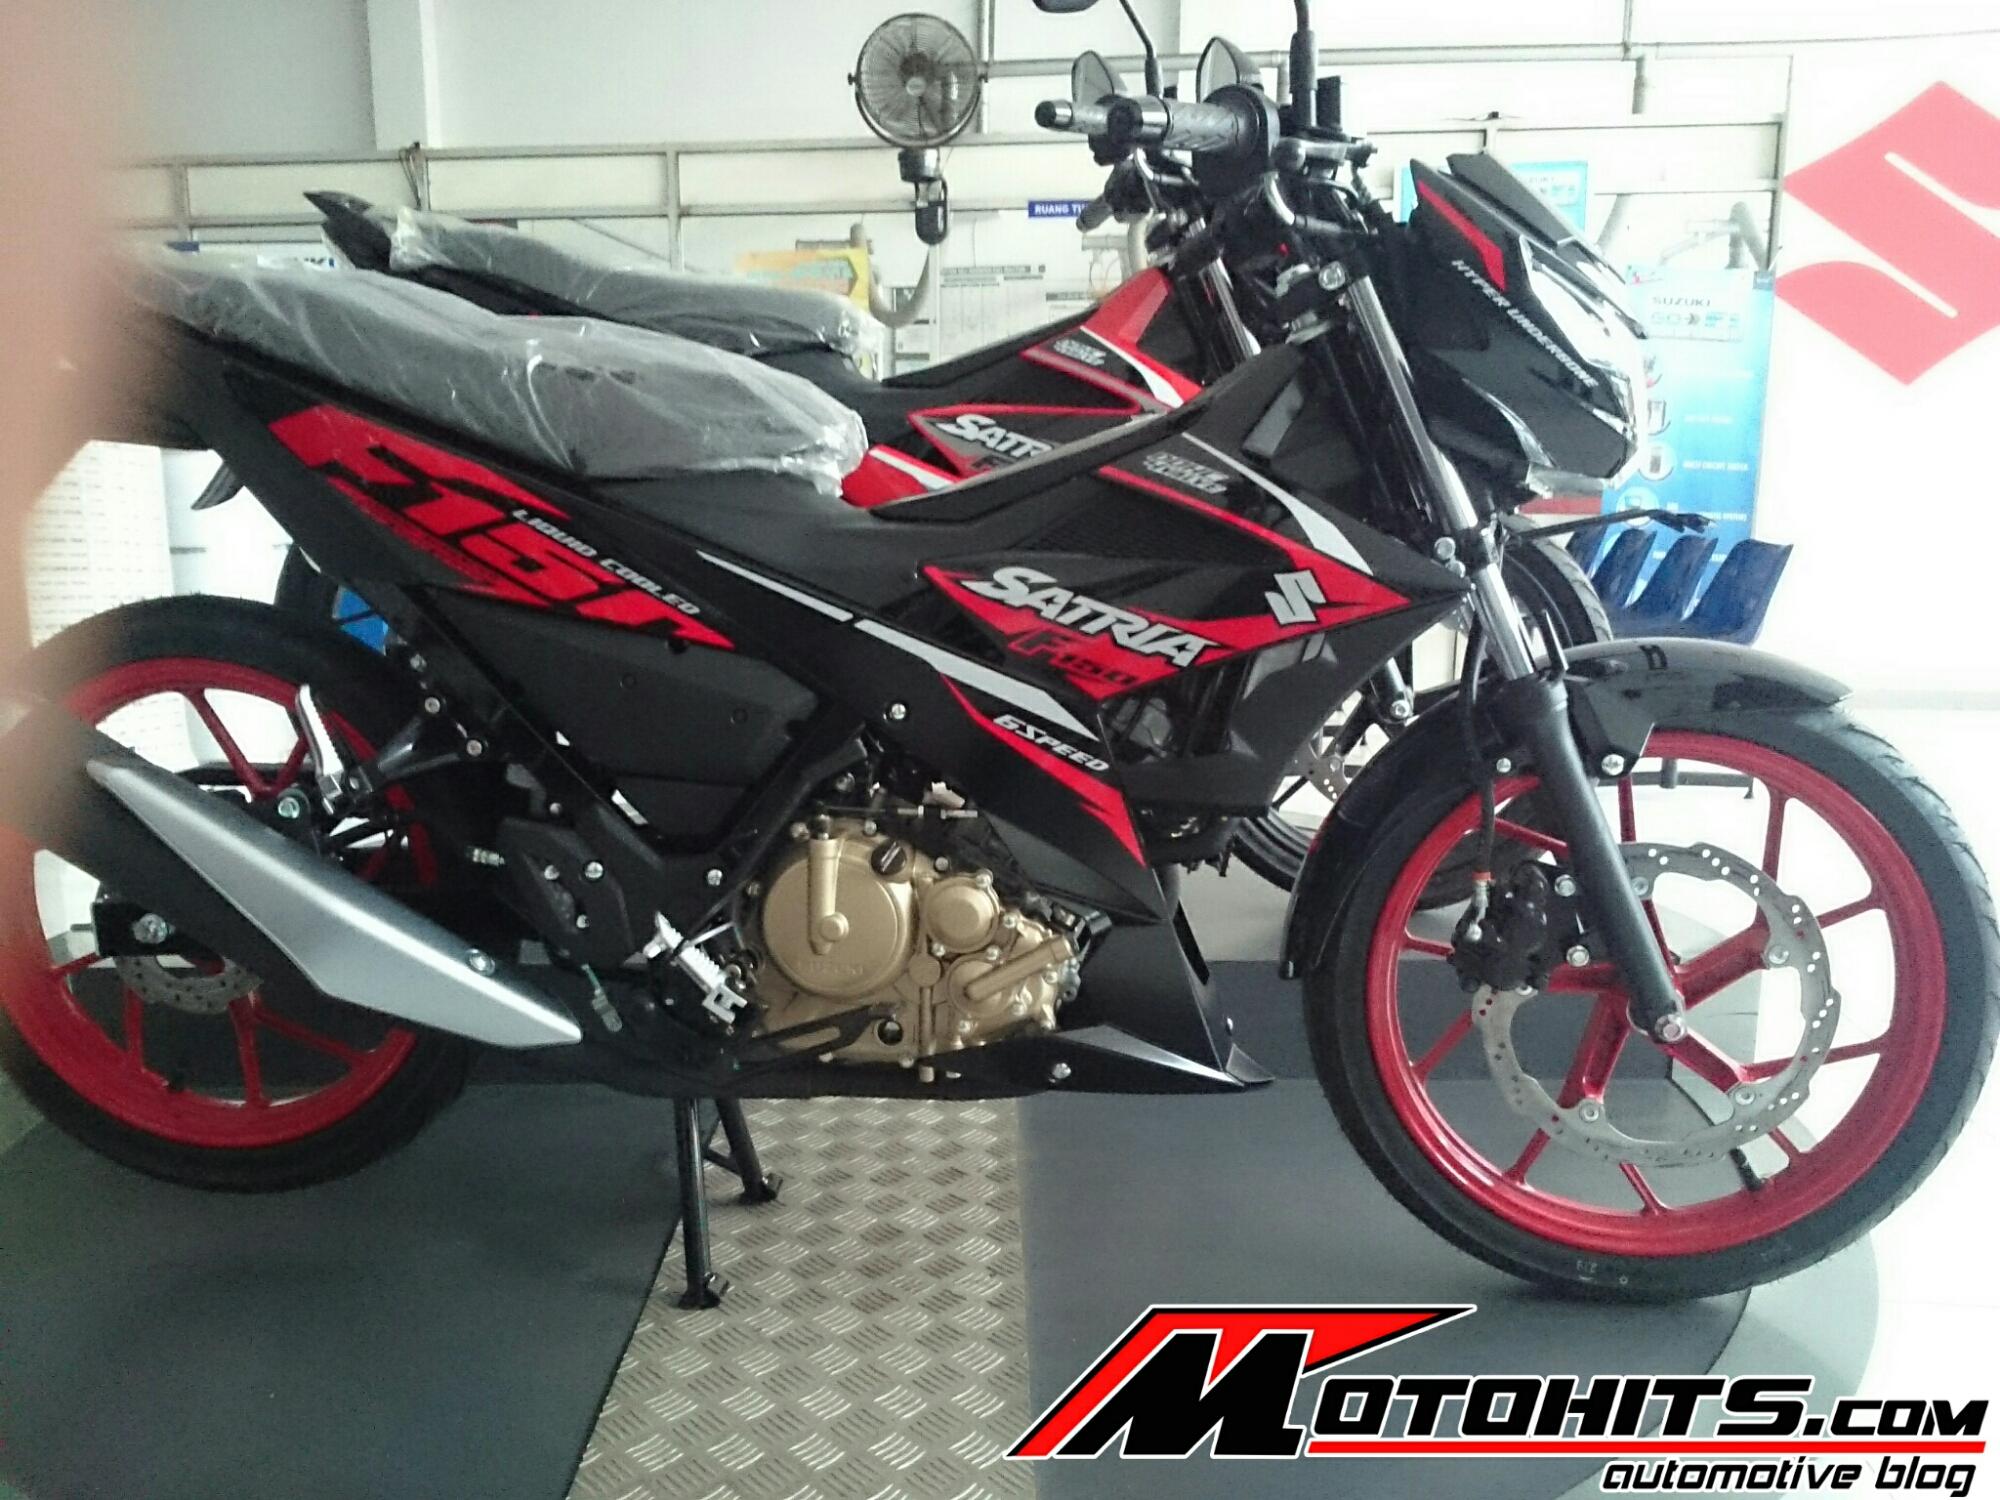 Satria F150 Fi Sudah Ready Di Dealer Pekalongan Jateng Bro